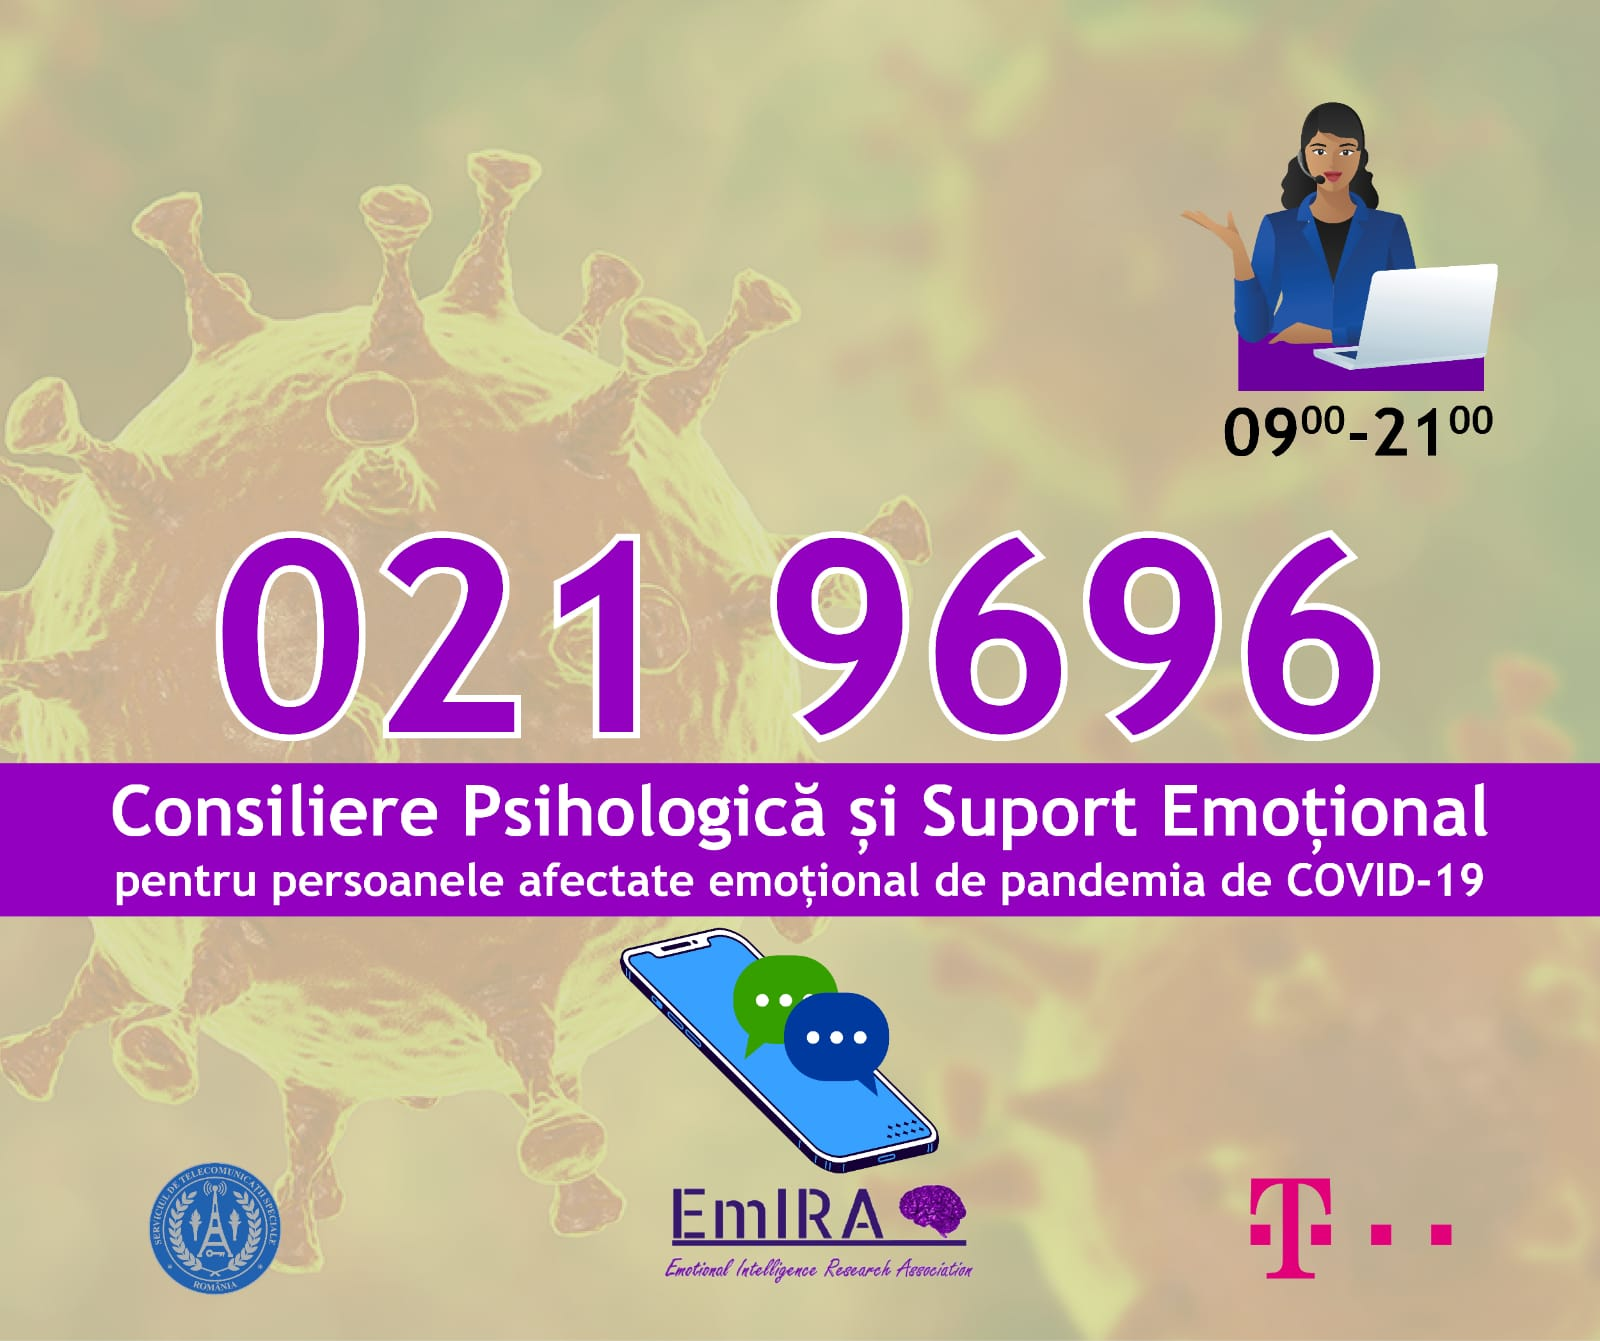 IMG-20210506-WA0006